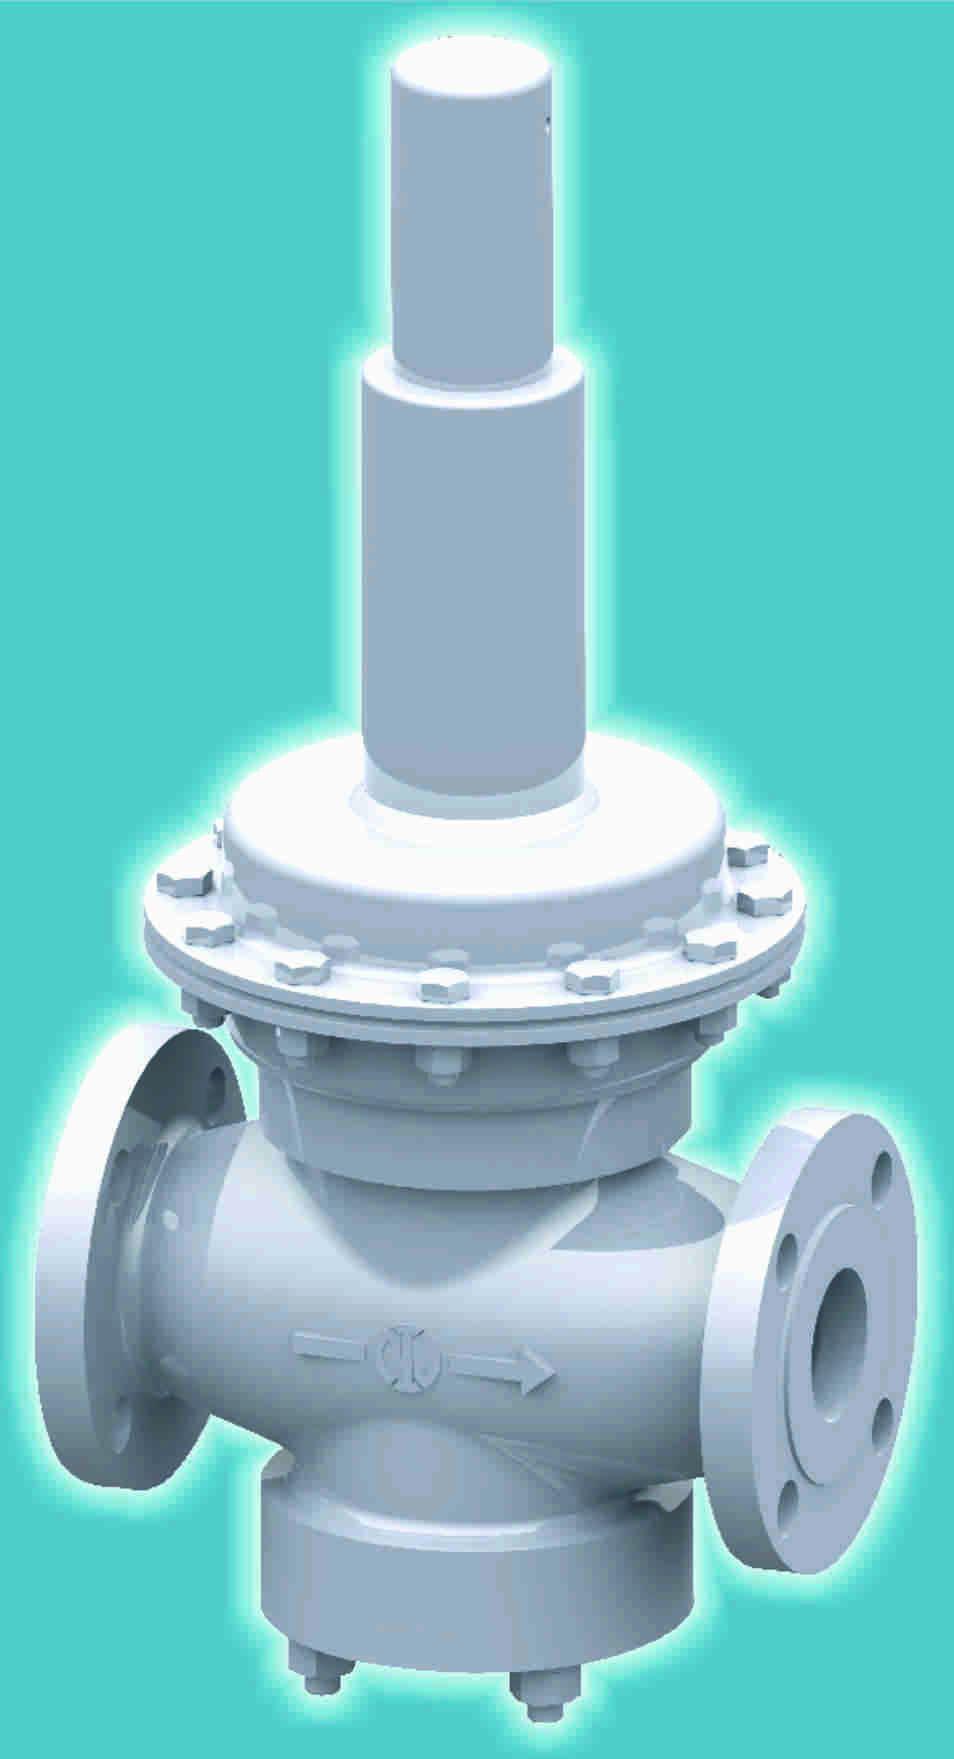 Upstream Pressure Regulator BP Series